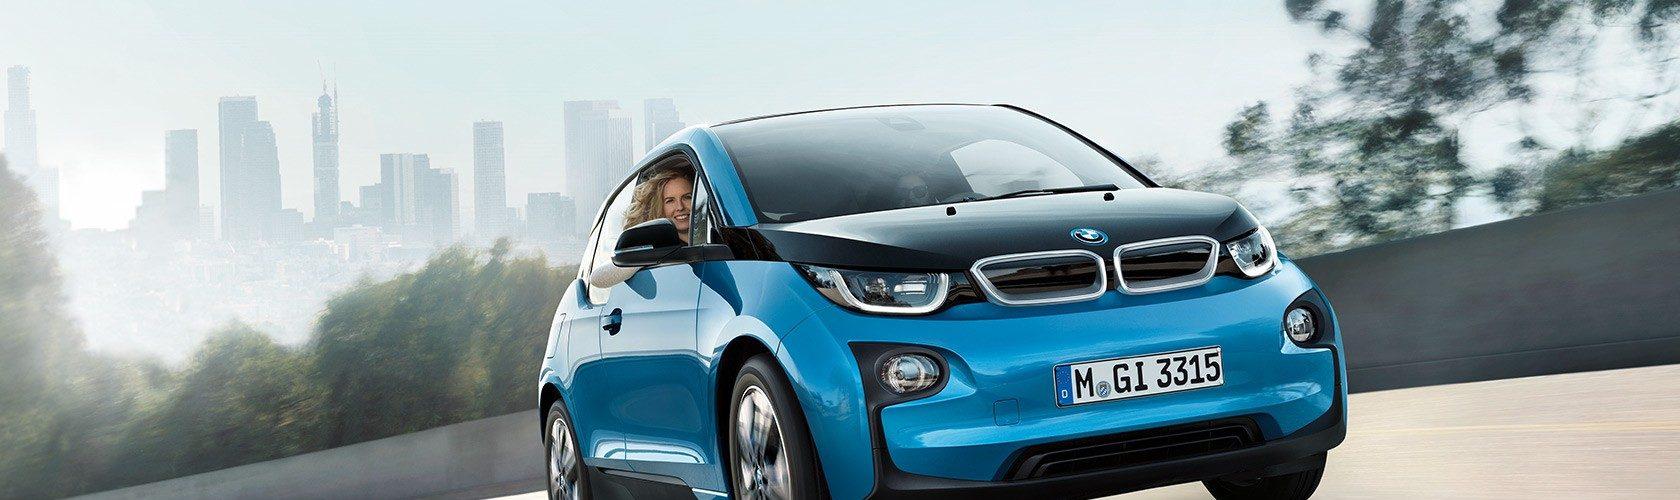 ¿Producirá BMW eléctricos en México?